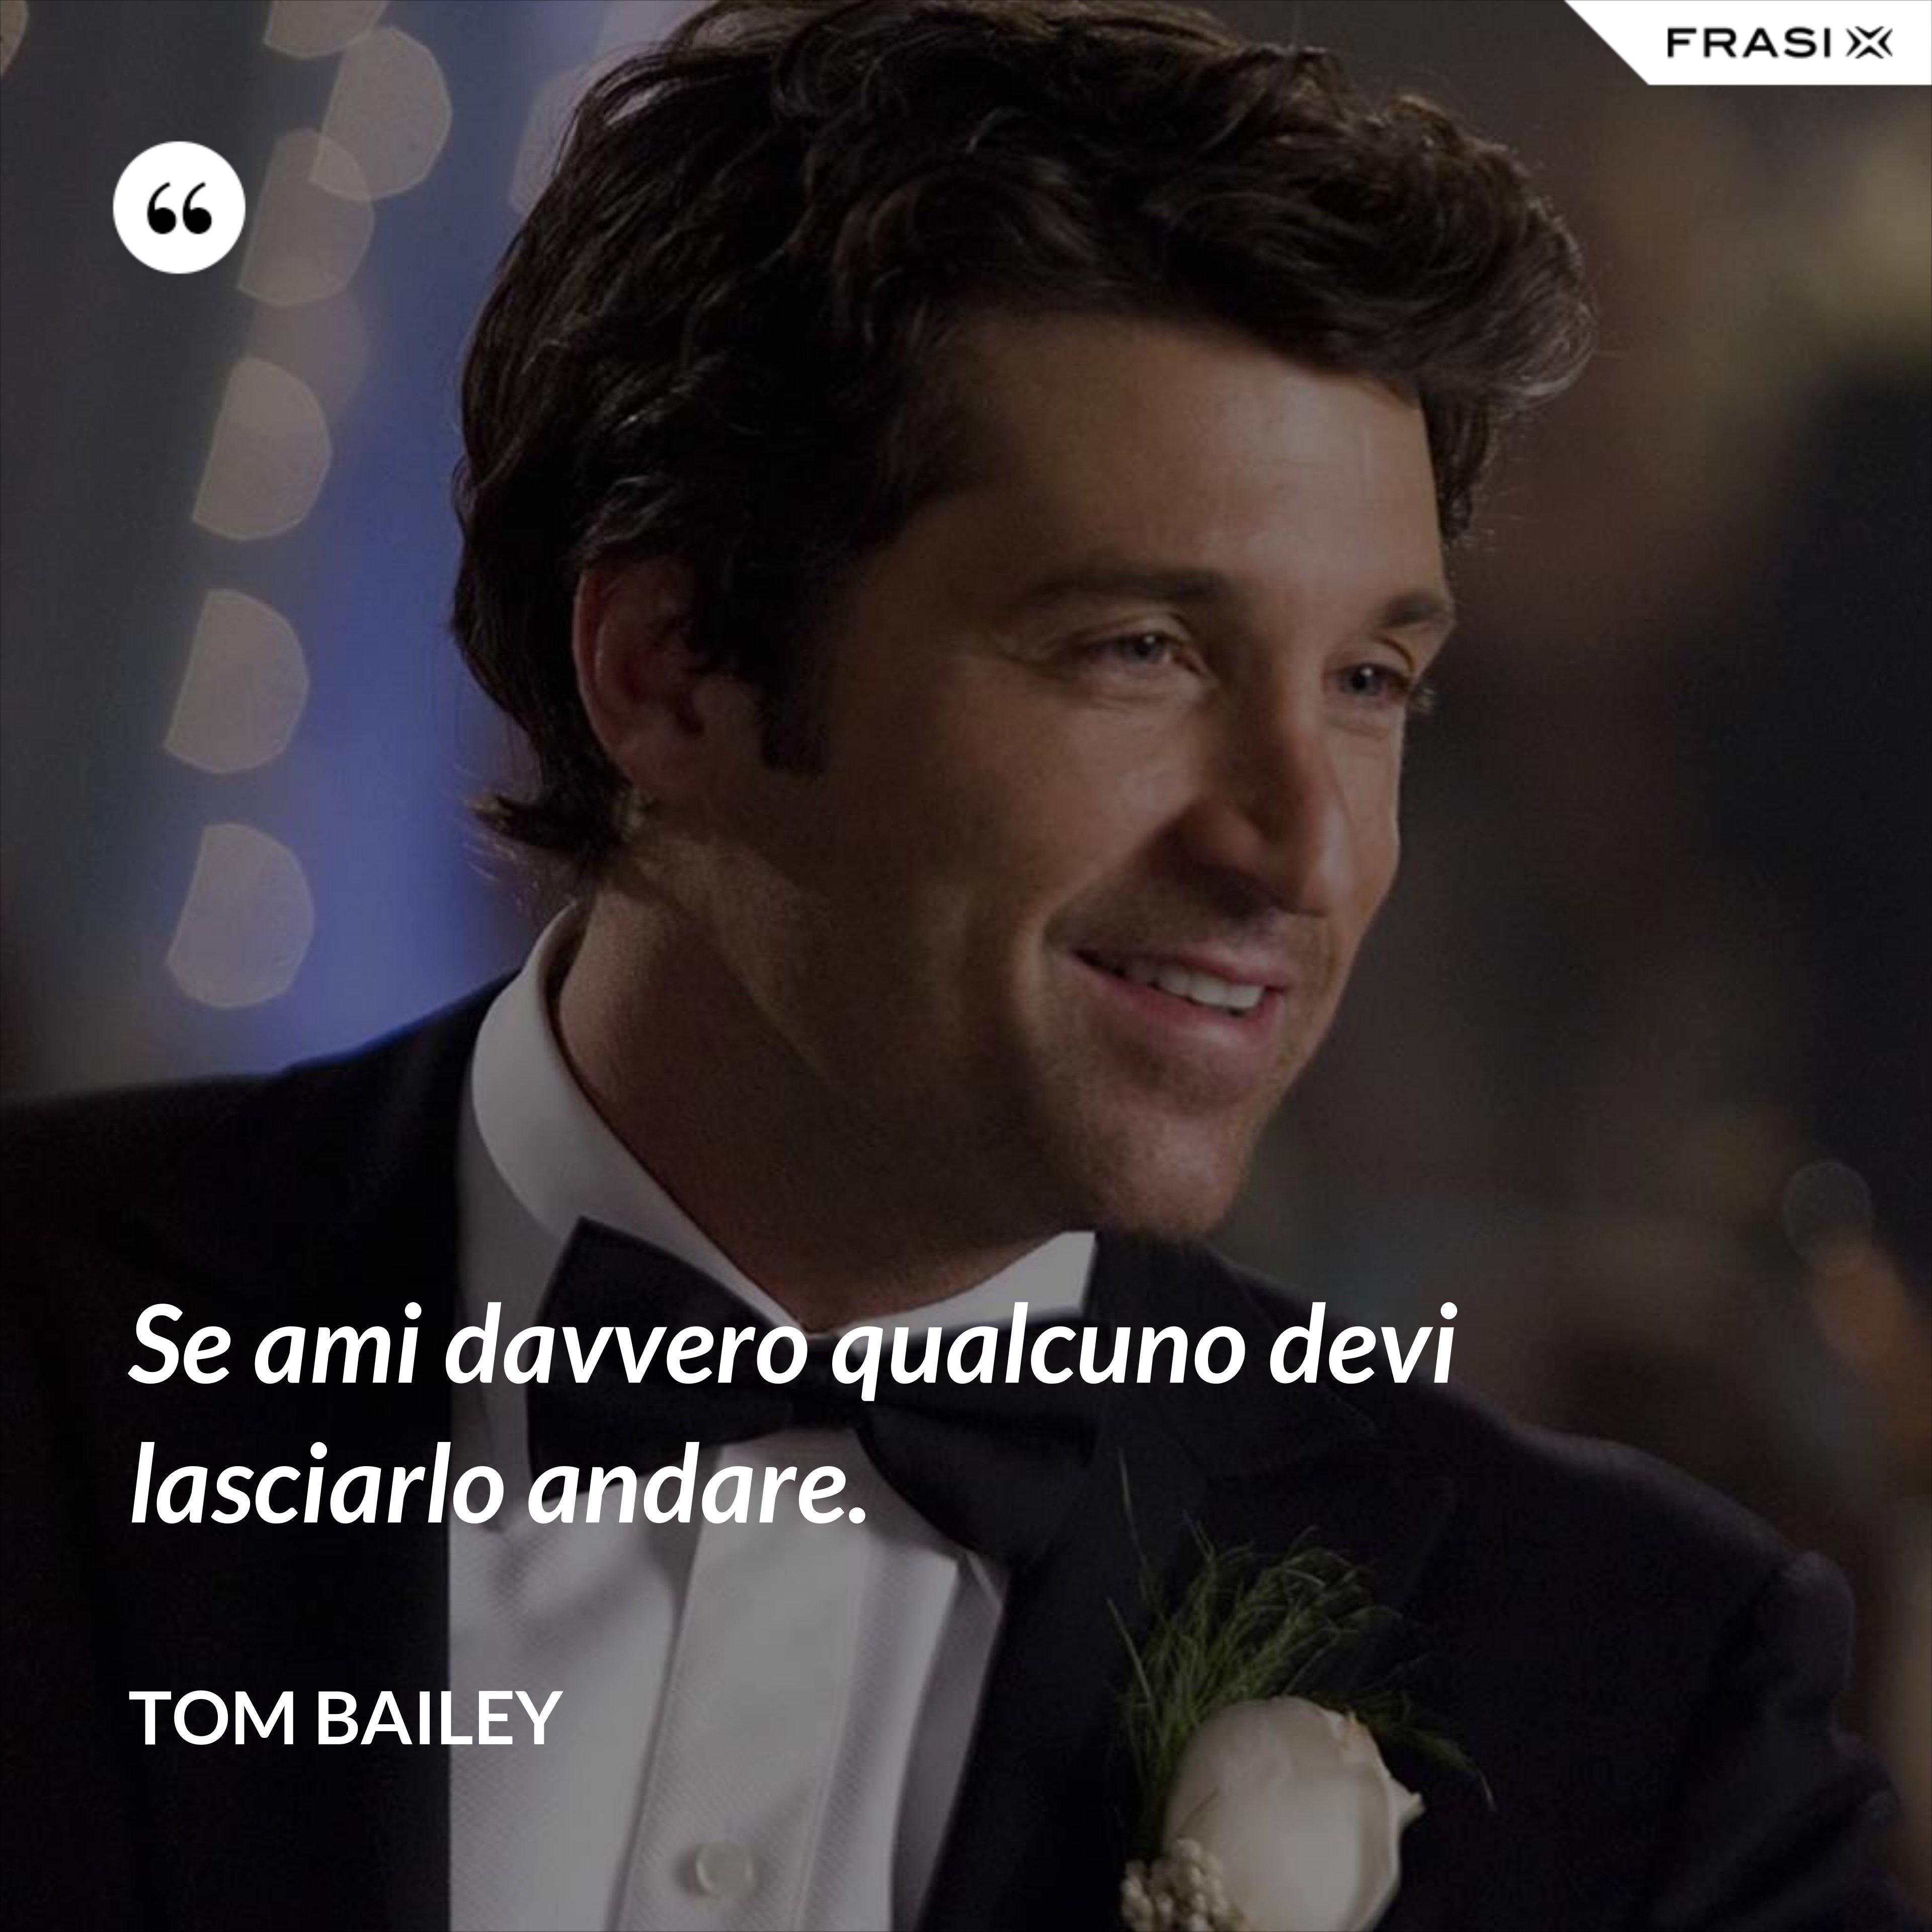 Se ami davvero qualcuno devi lasciarlo andare. - Tom Bailey